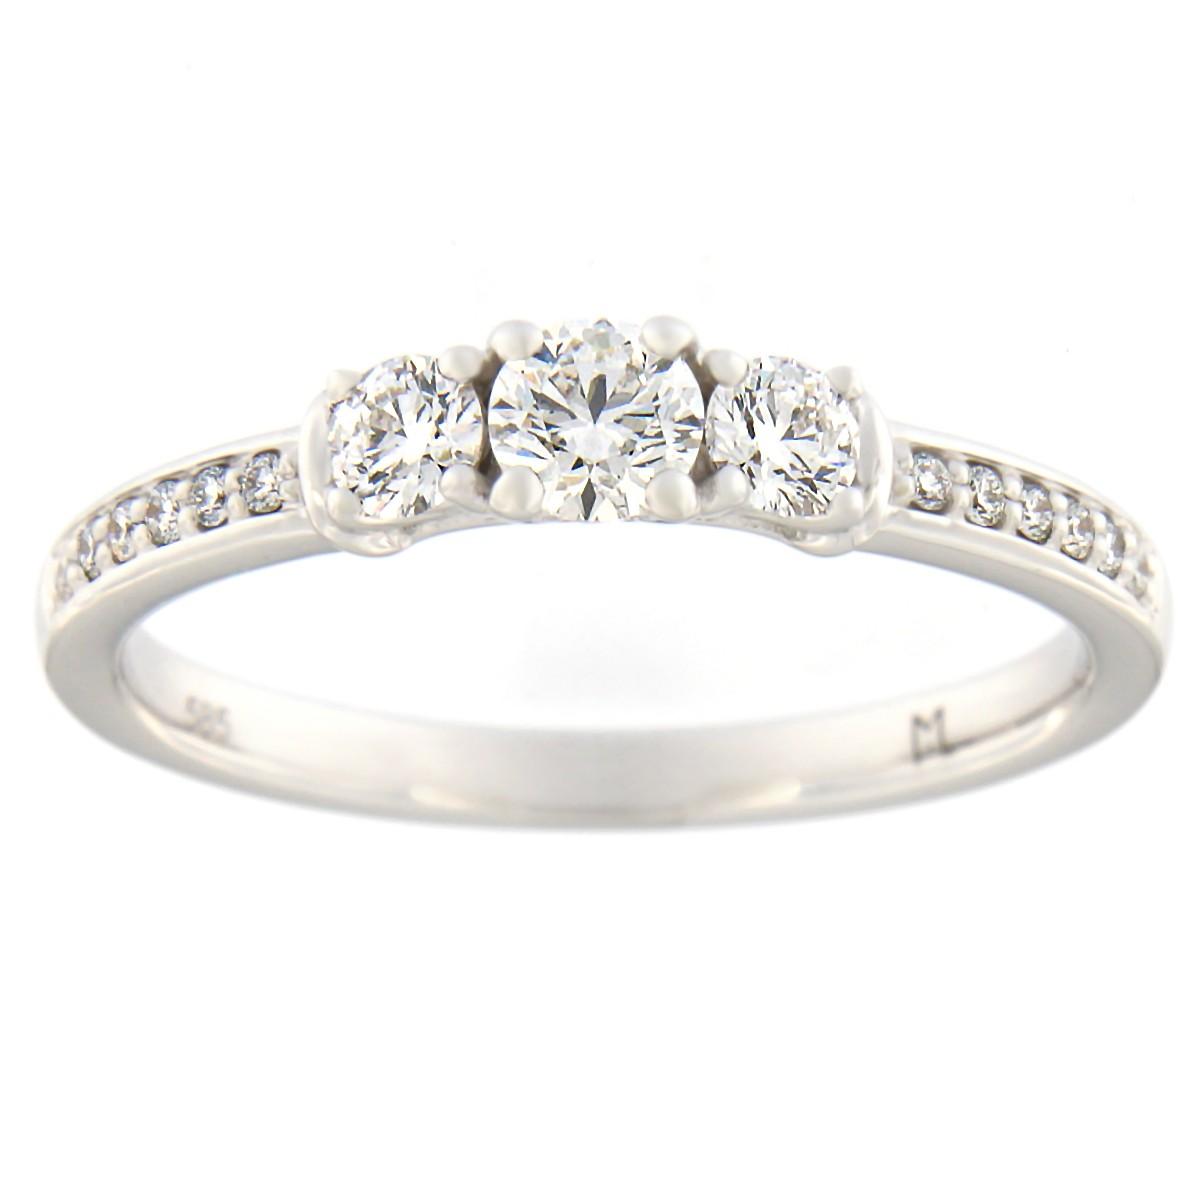 Kullast sõrmus teemantidega 0,42 ct. Kood: 95at